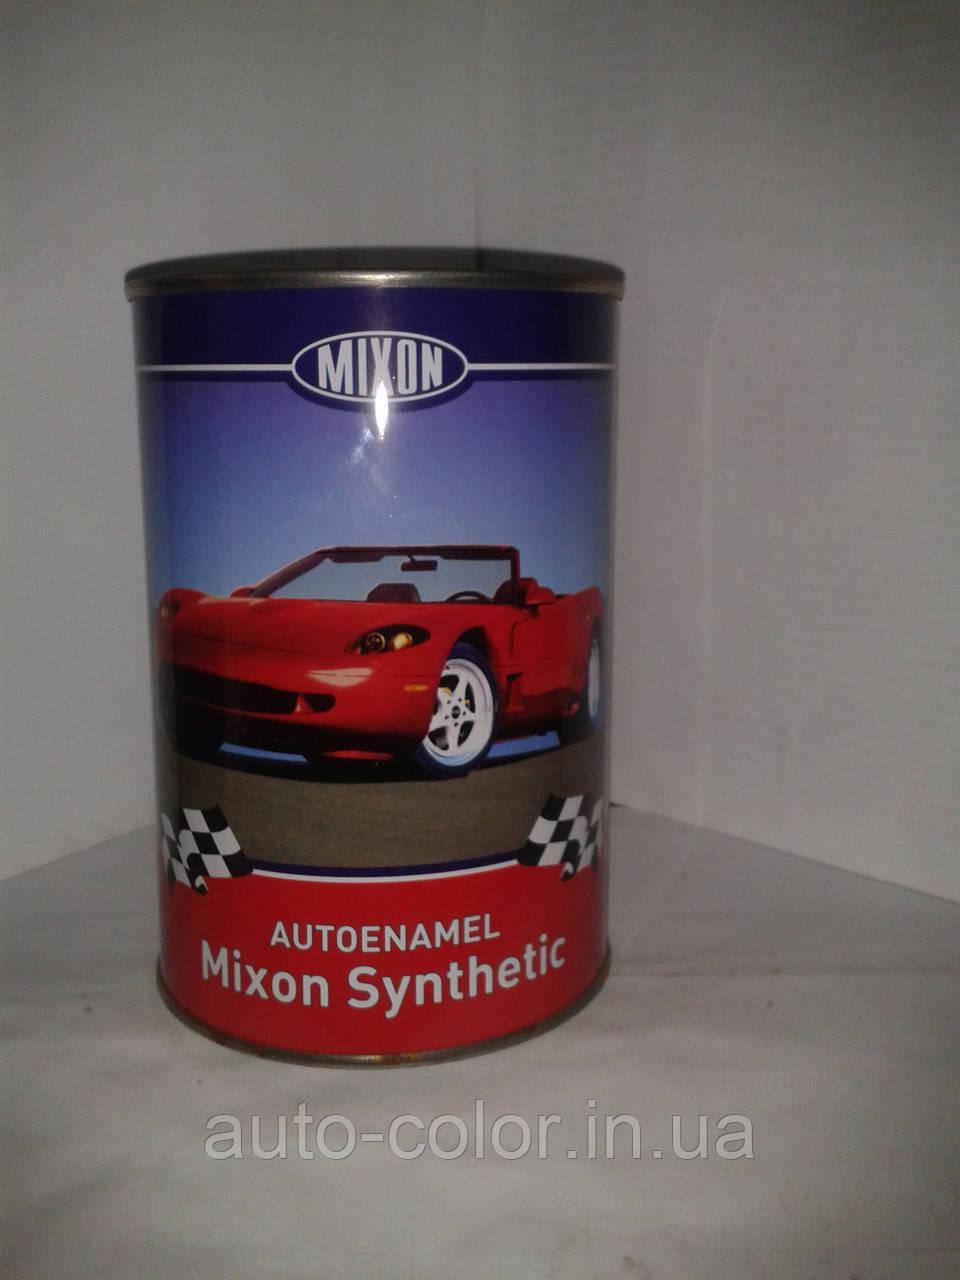 Автомобильная алкидная эмаль MIXON Сафари 2151л.